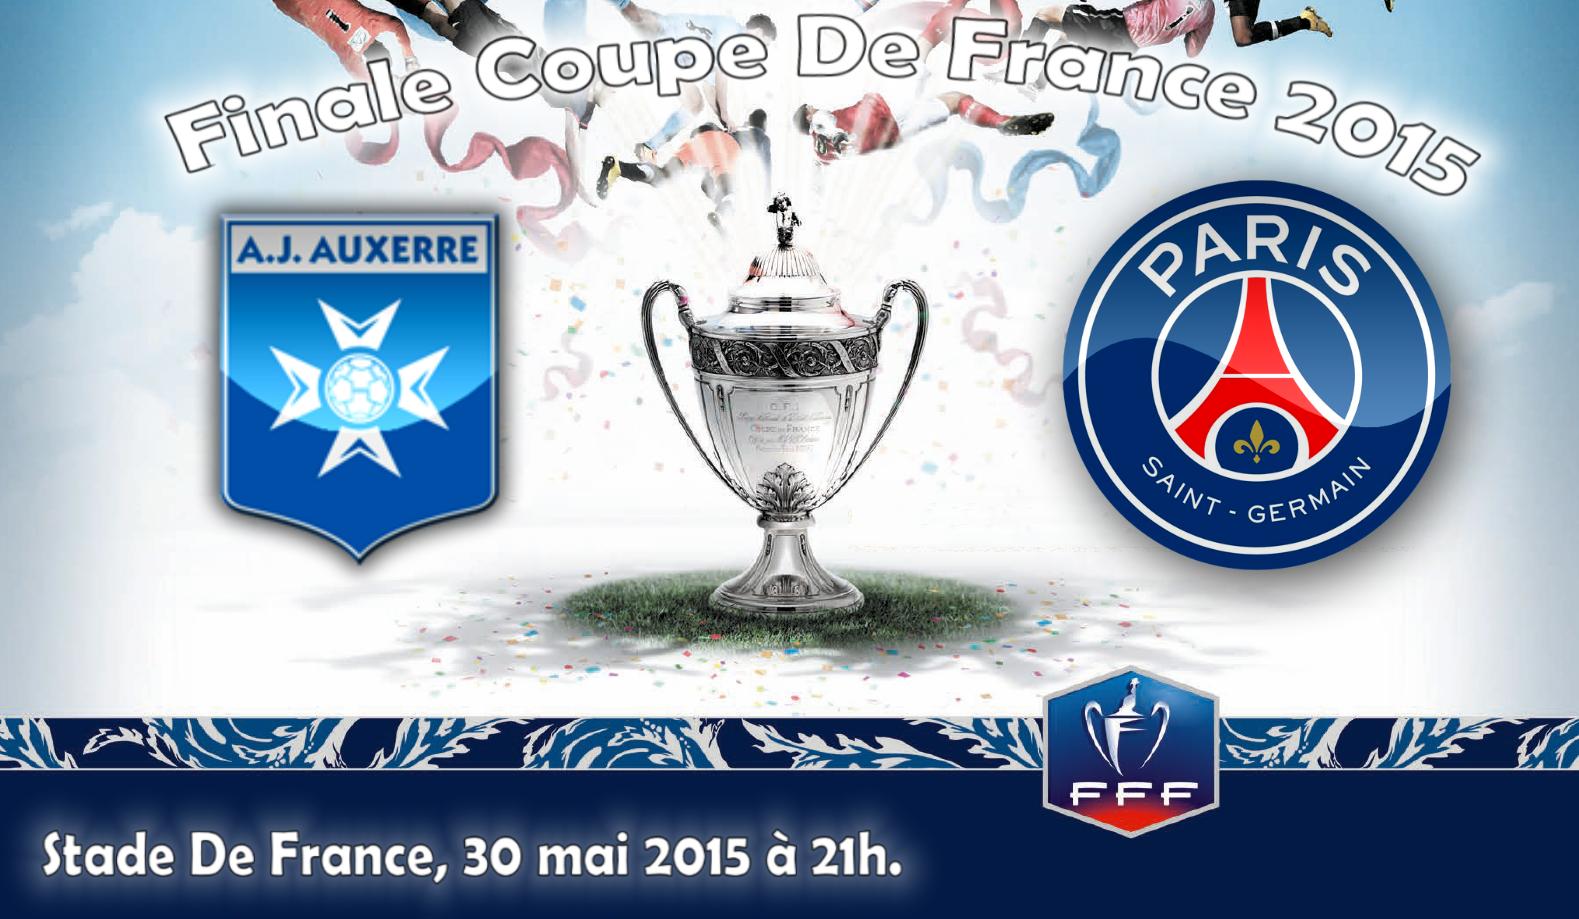 Finale de la coupe de france 2015 a j auxerre psg le 30 05 2015 au stade de france 21h - Coupe de france 2014 2015 ...